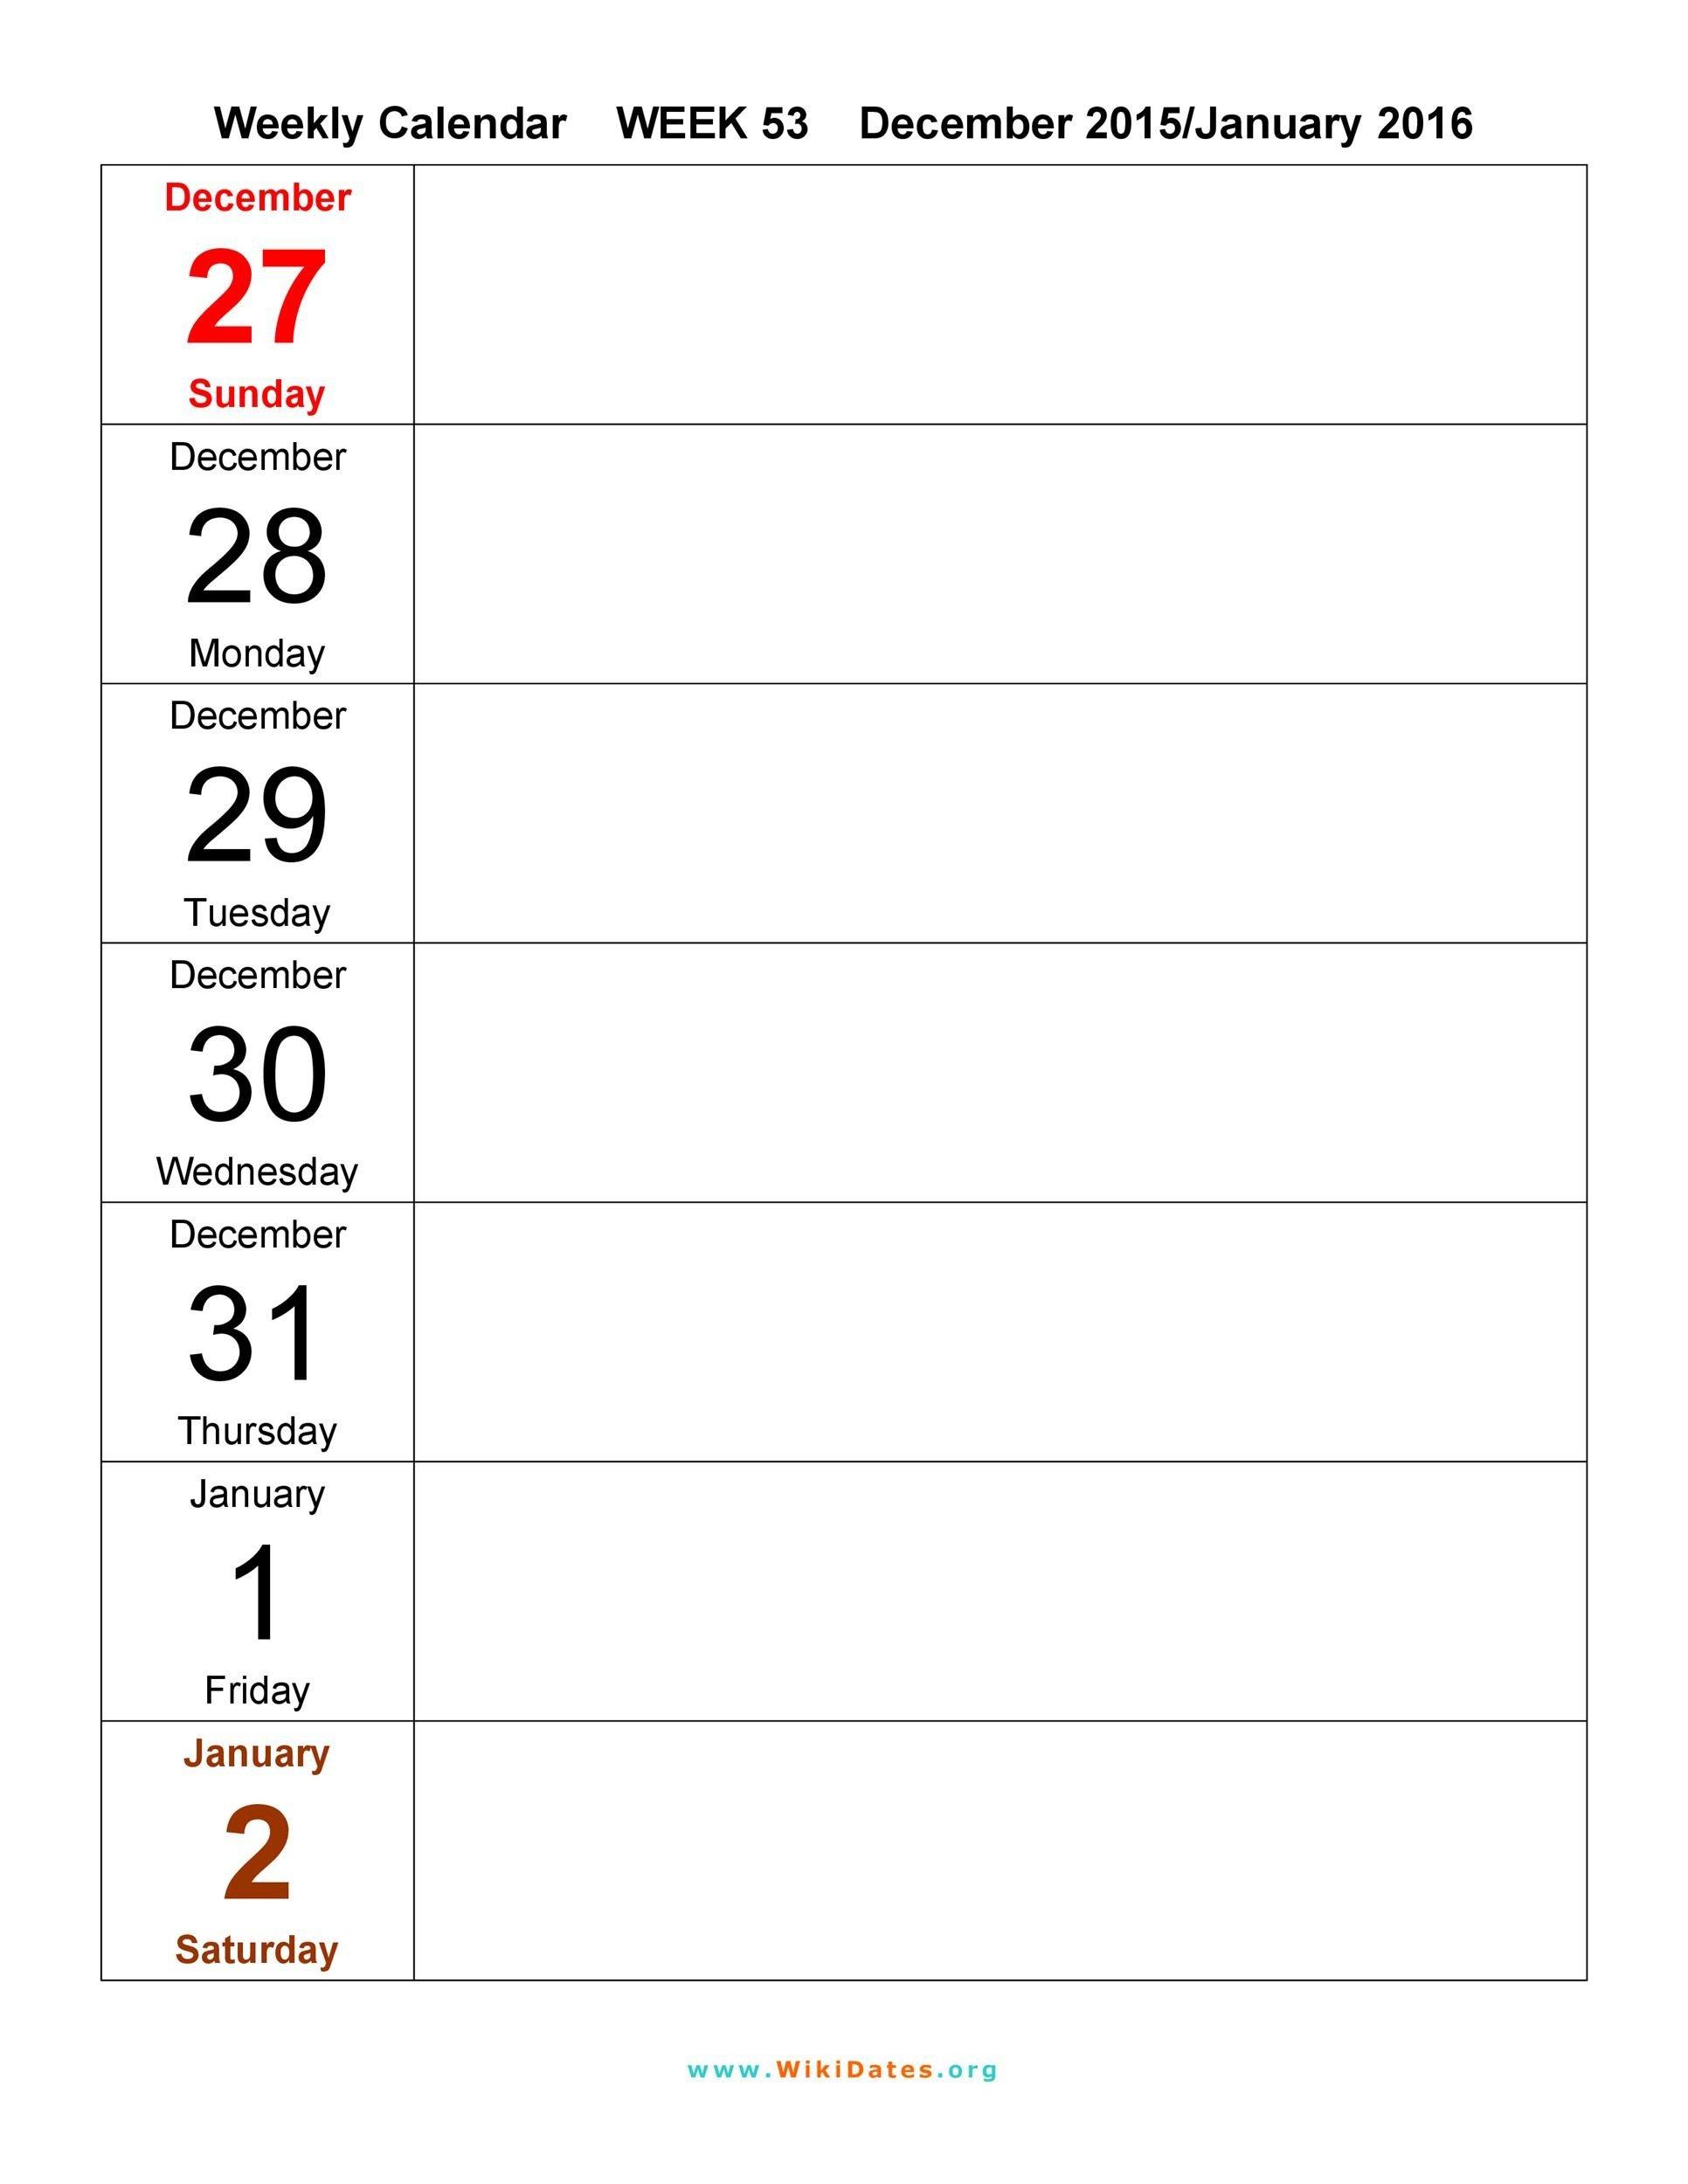 26 Blank Weekly Calendar Templates [Pdf, Excel, Word inside Printable Weekly Planner Template